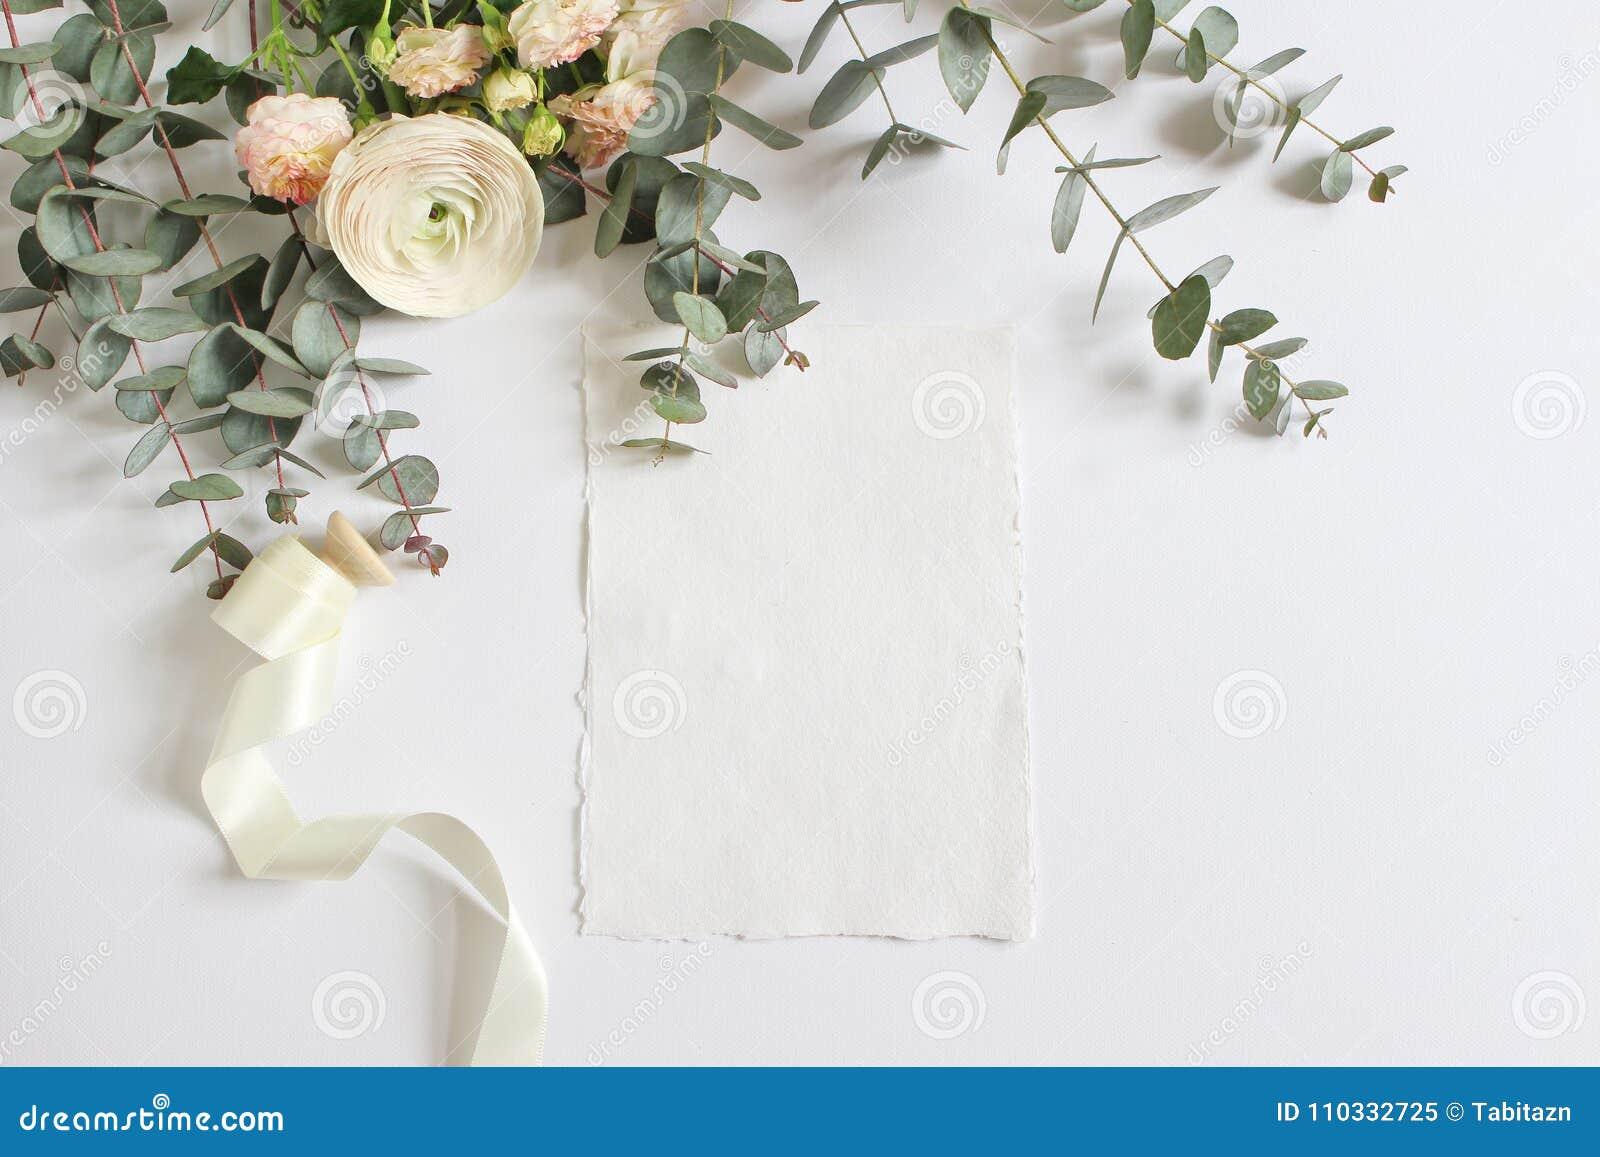 Hochzeit, Geburtstagsmodellszene mit Blumenstrauß der persischen Butterblume, Ranunculusblume, rosa Rosen, Eukalyptus